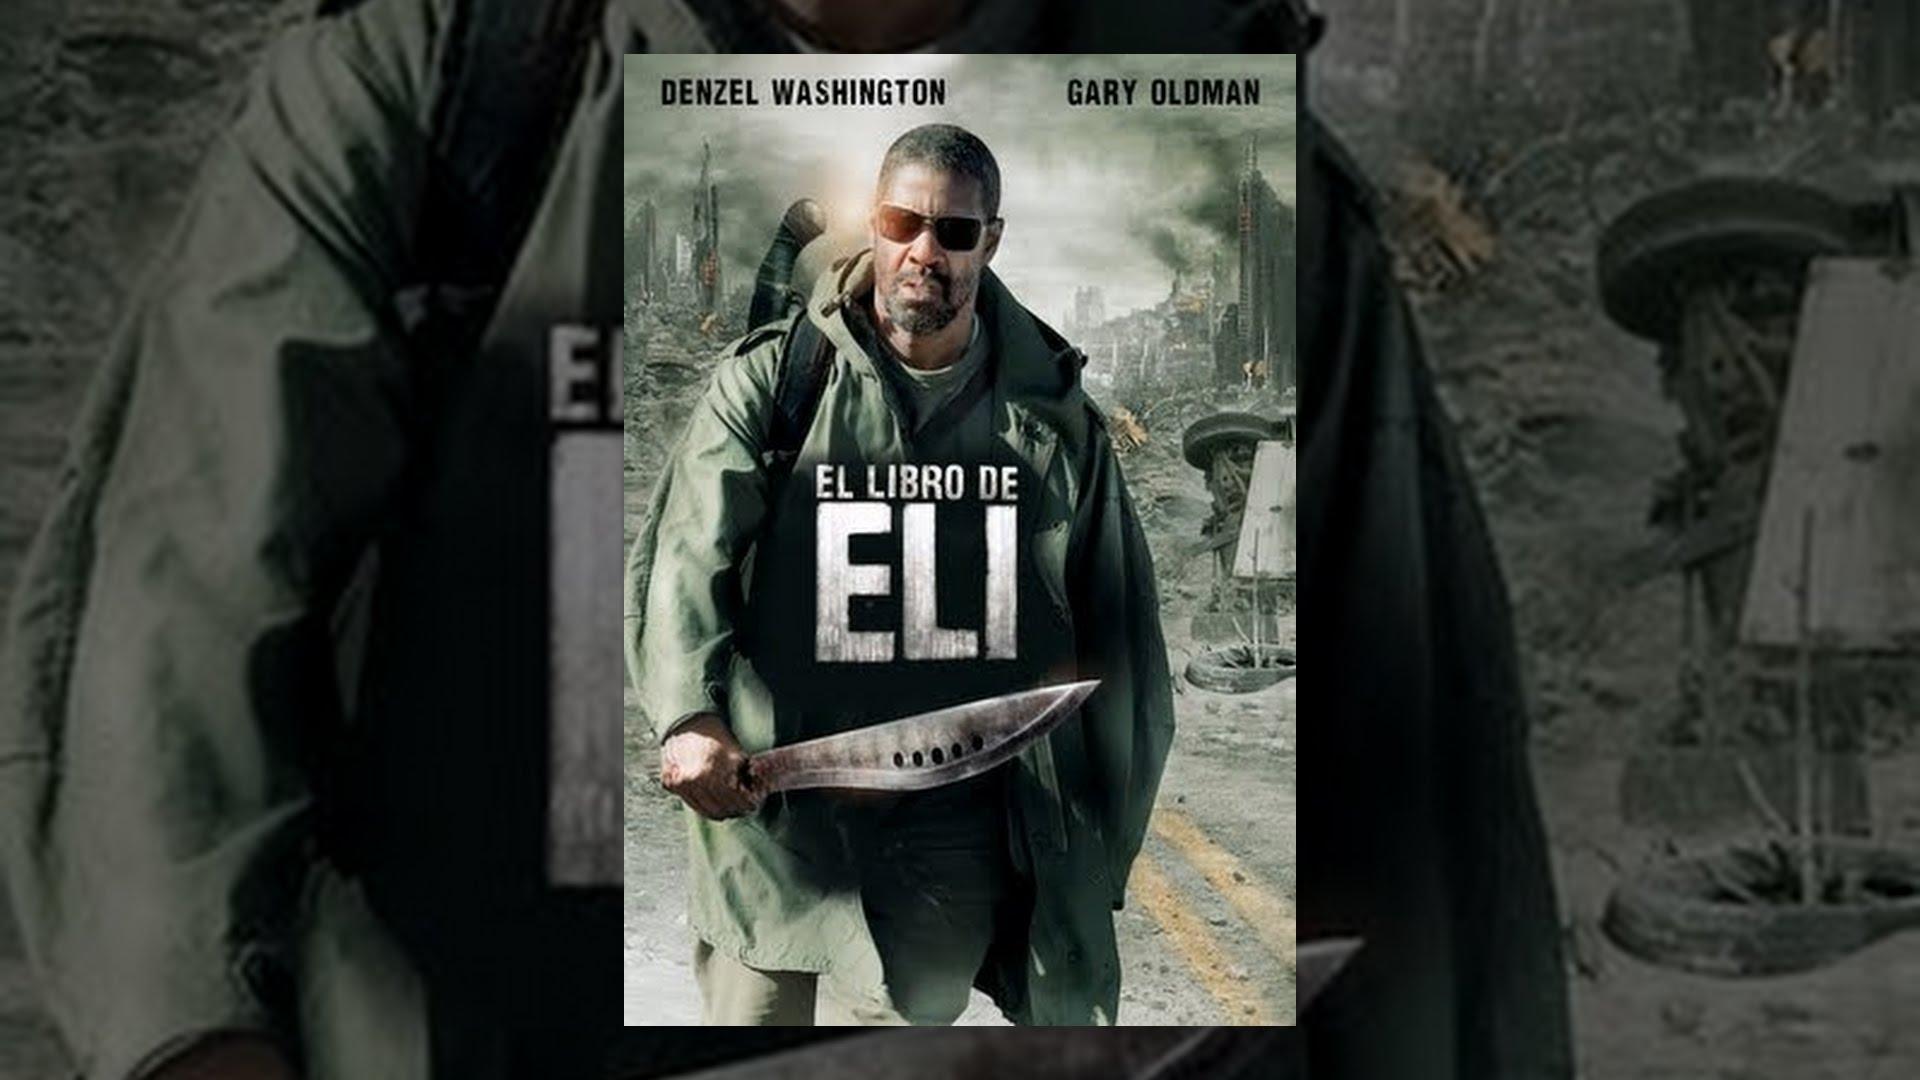 El Libro de Eli - Película Completa en Español - YouTube